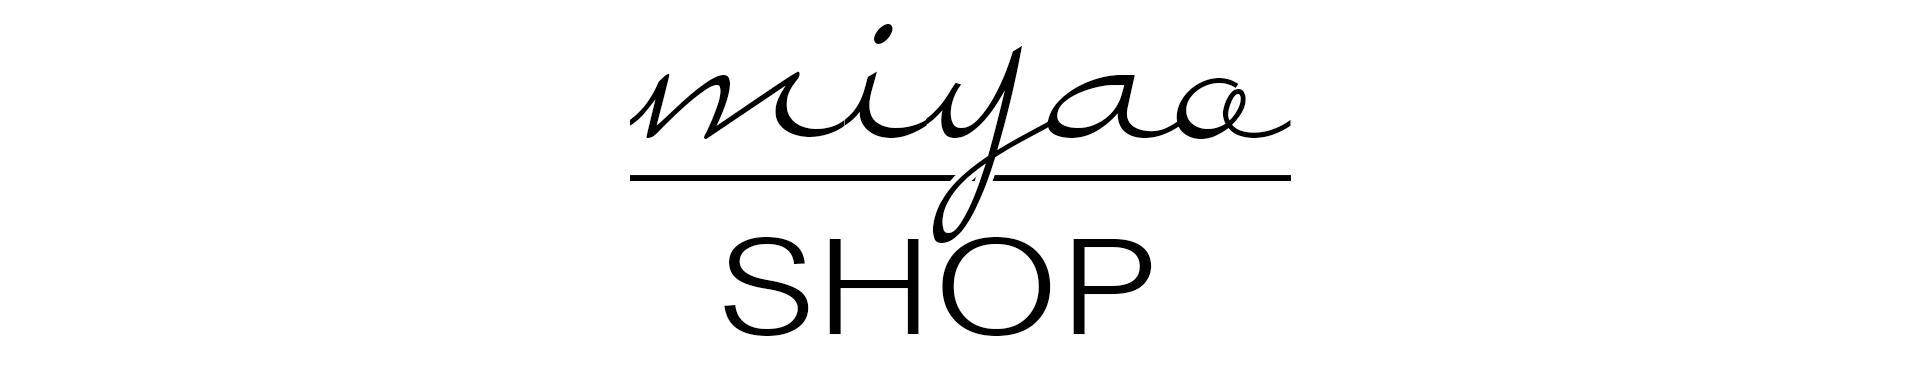 Miyao shop เสื้อผ้า ผ้าพันคอ ปลีก ส่ง